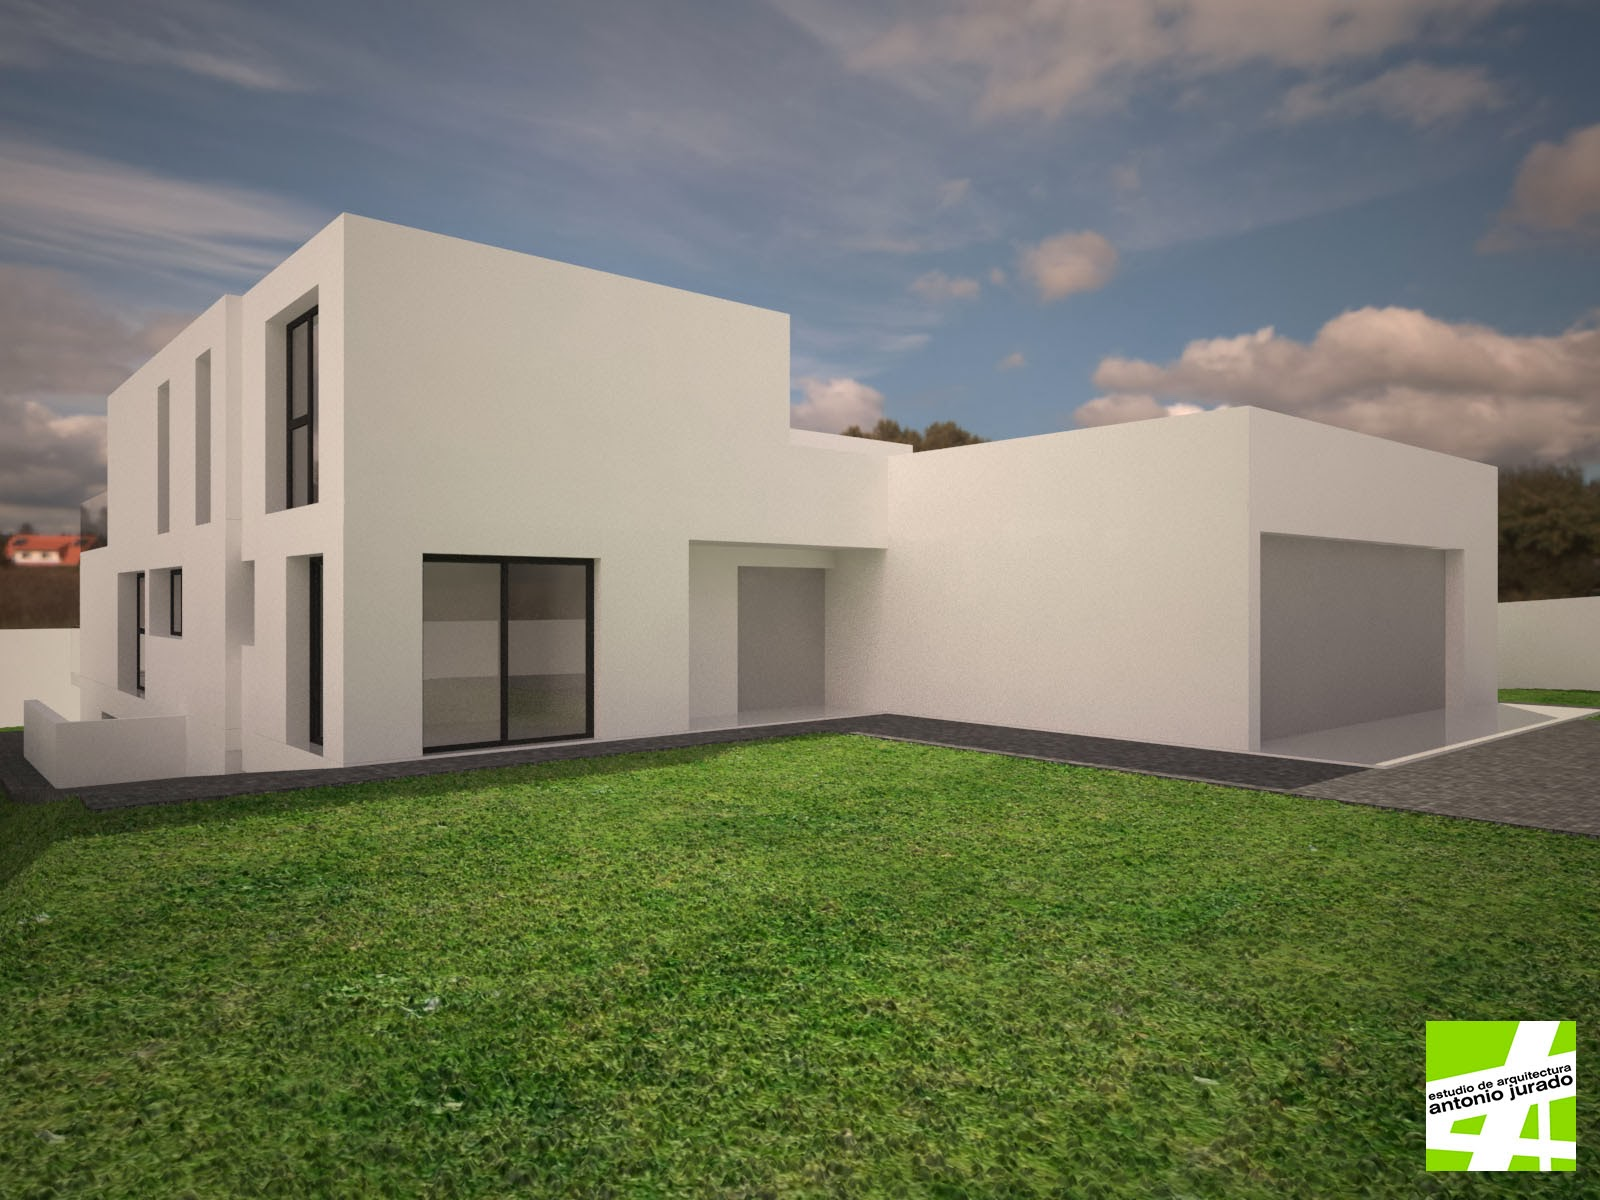 Vivienda unifamiliar aislada en urb los monteros marbella m laga estudio de arquitectura - Estudios de arquitectura en malaga ...